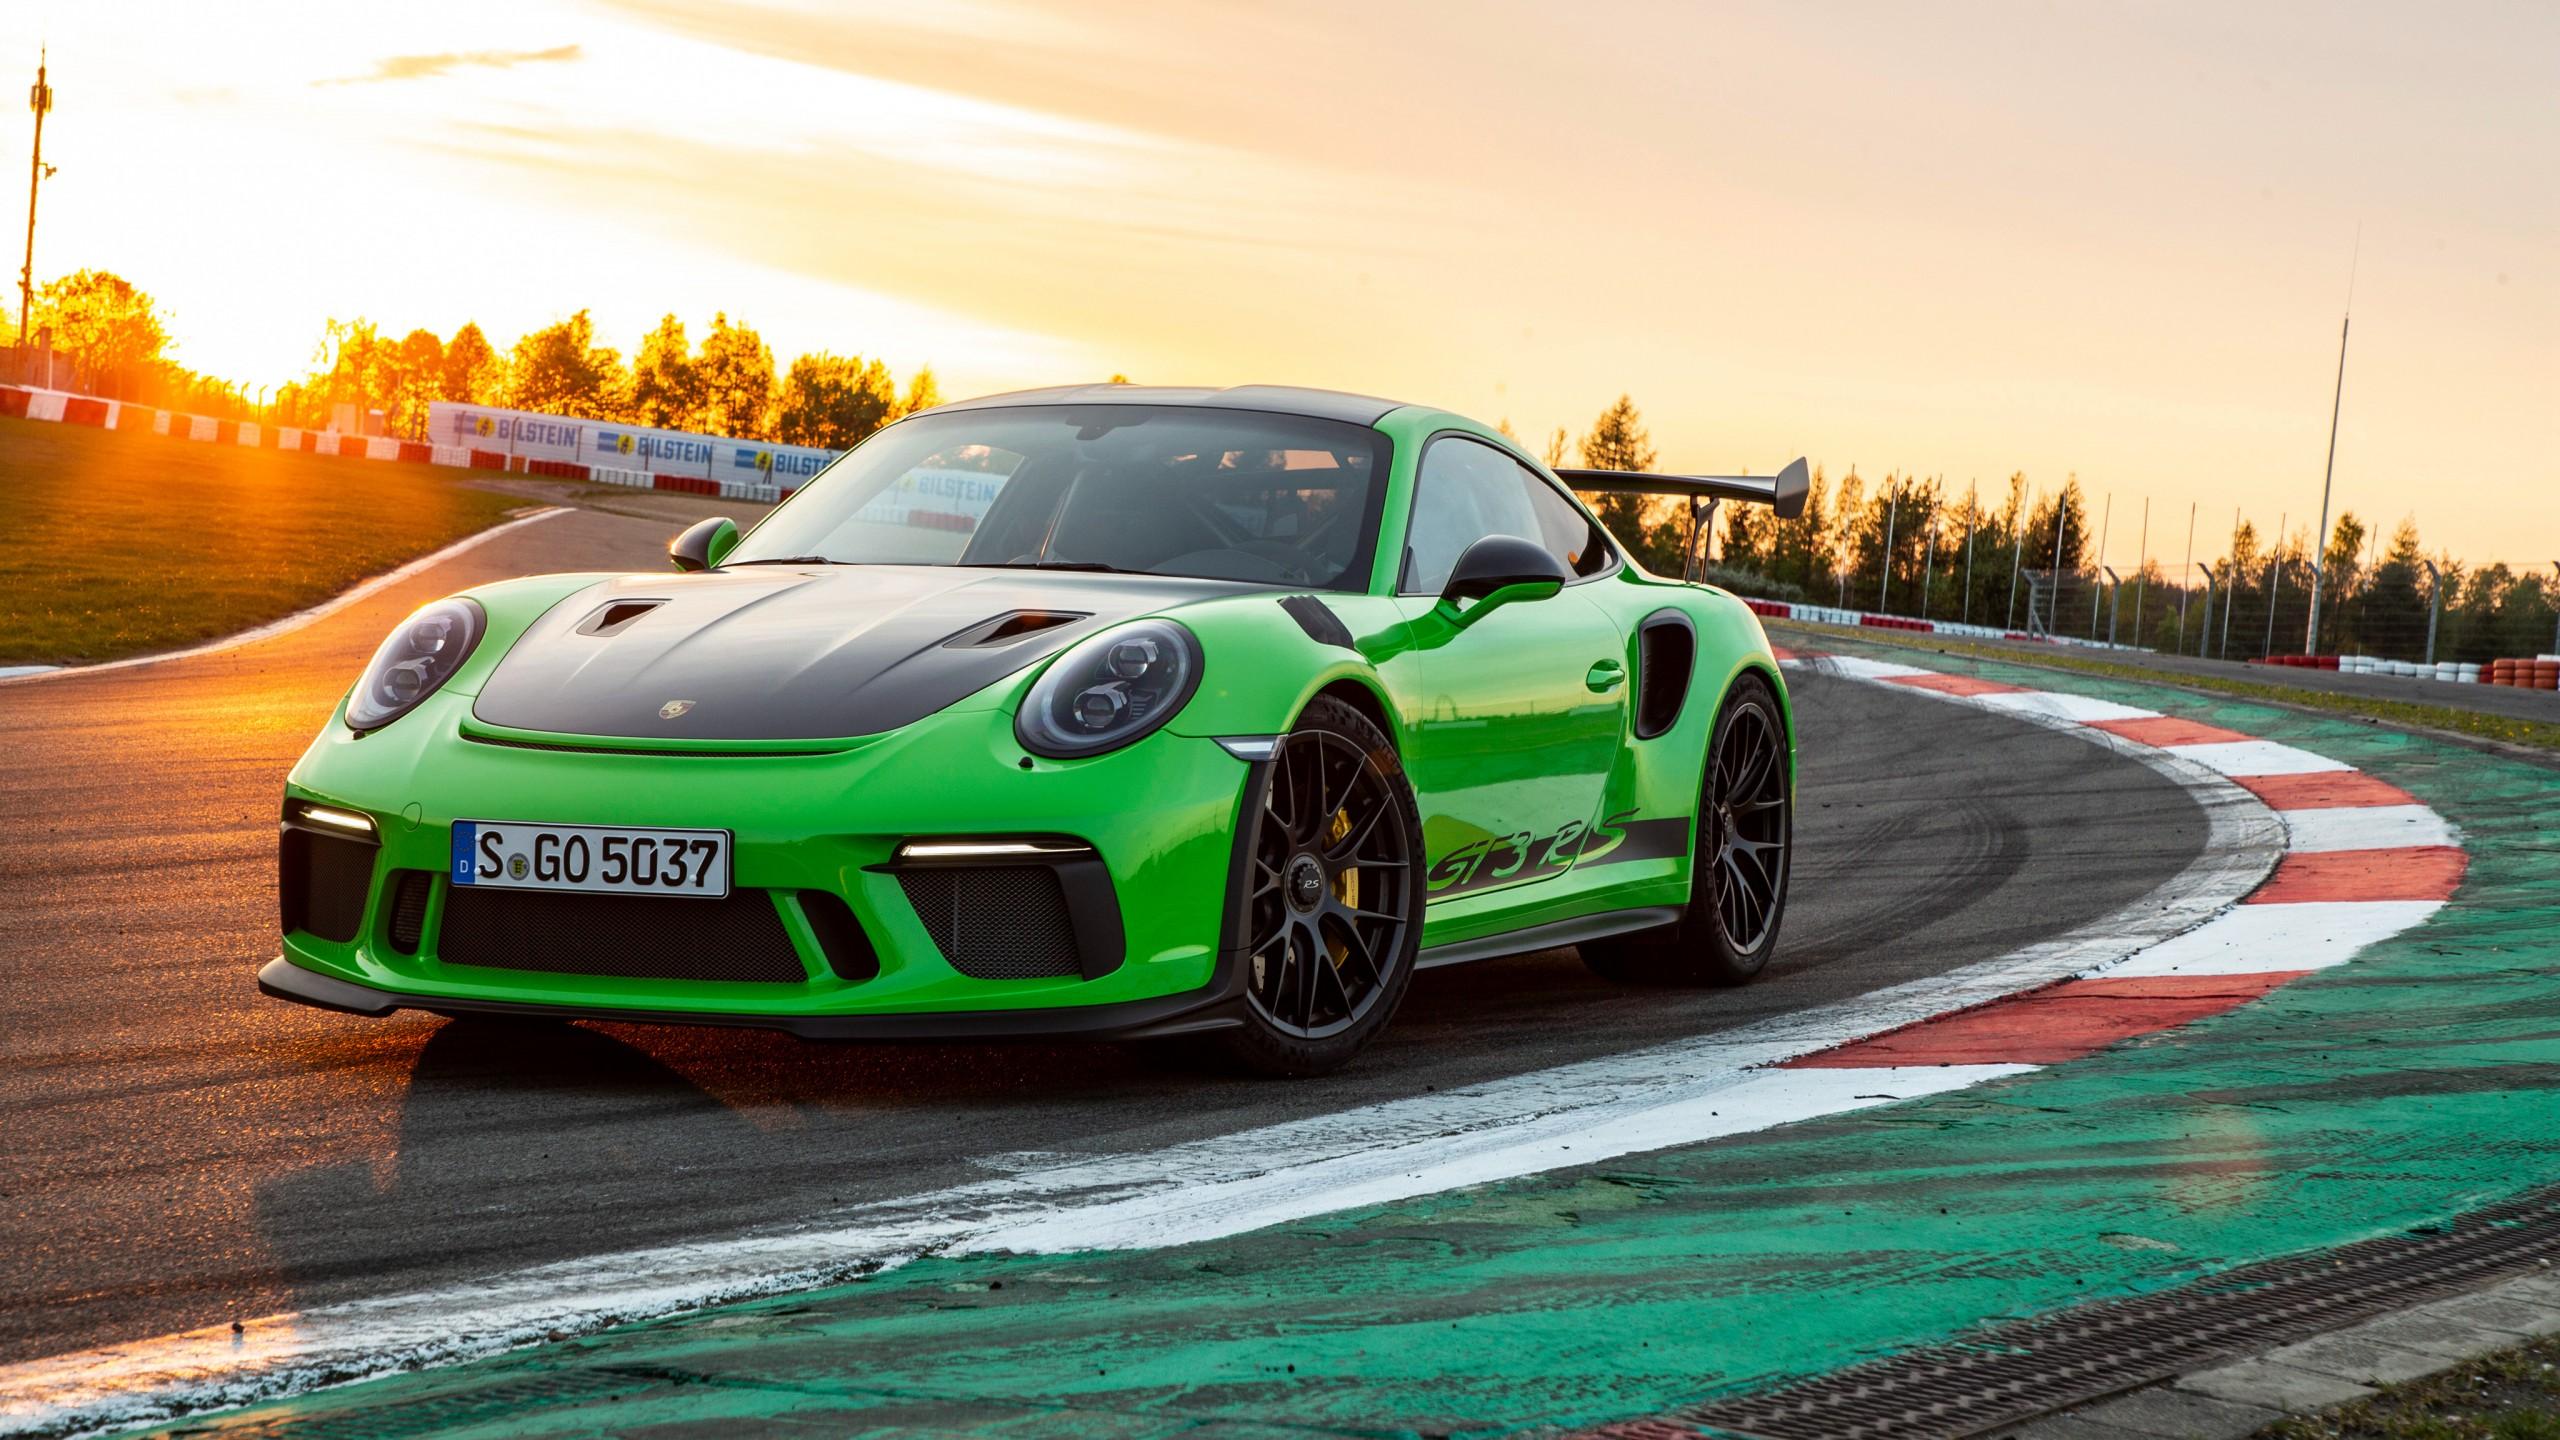 4k Porche Carrera Gt Wallpaper: 2018 Porsche 911 GT3 RS Weissach Package 4K Wallpaper